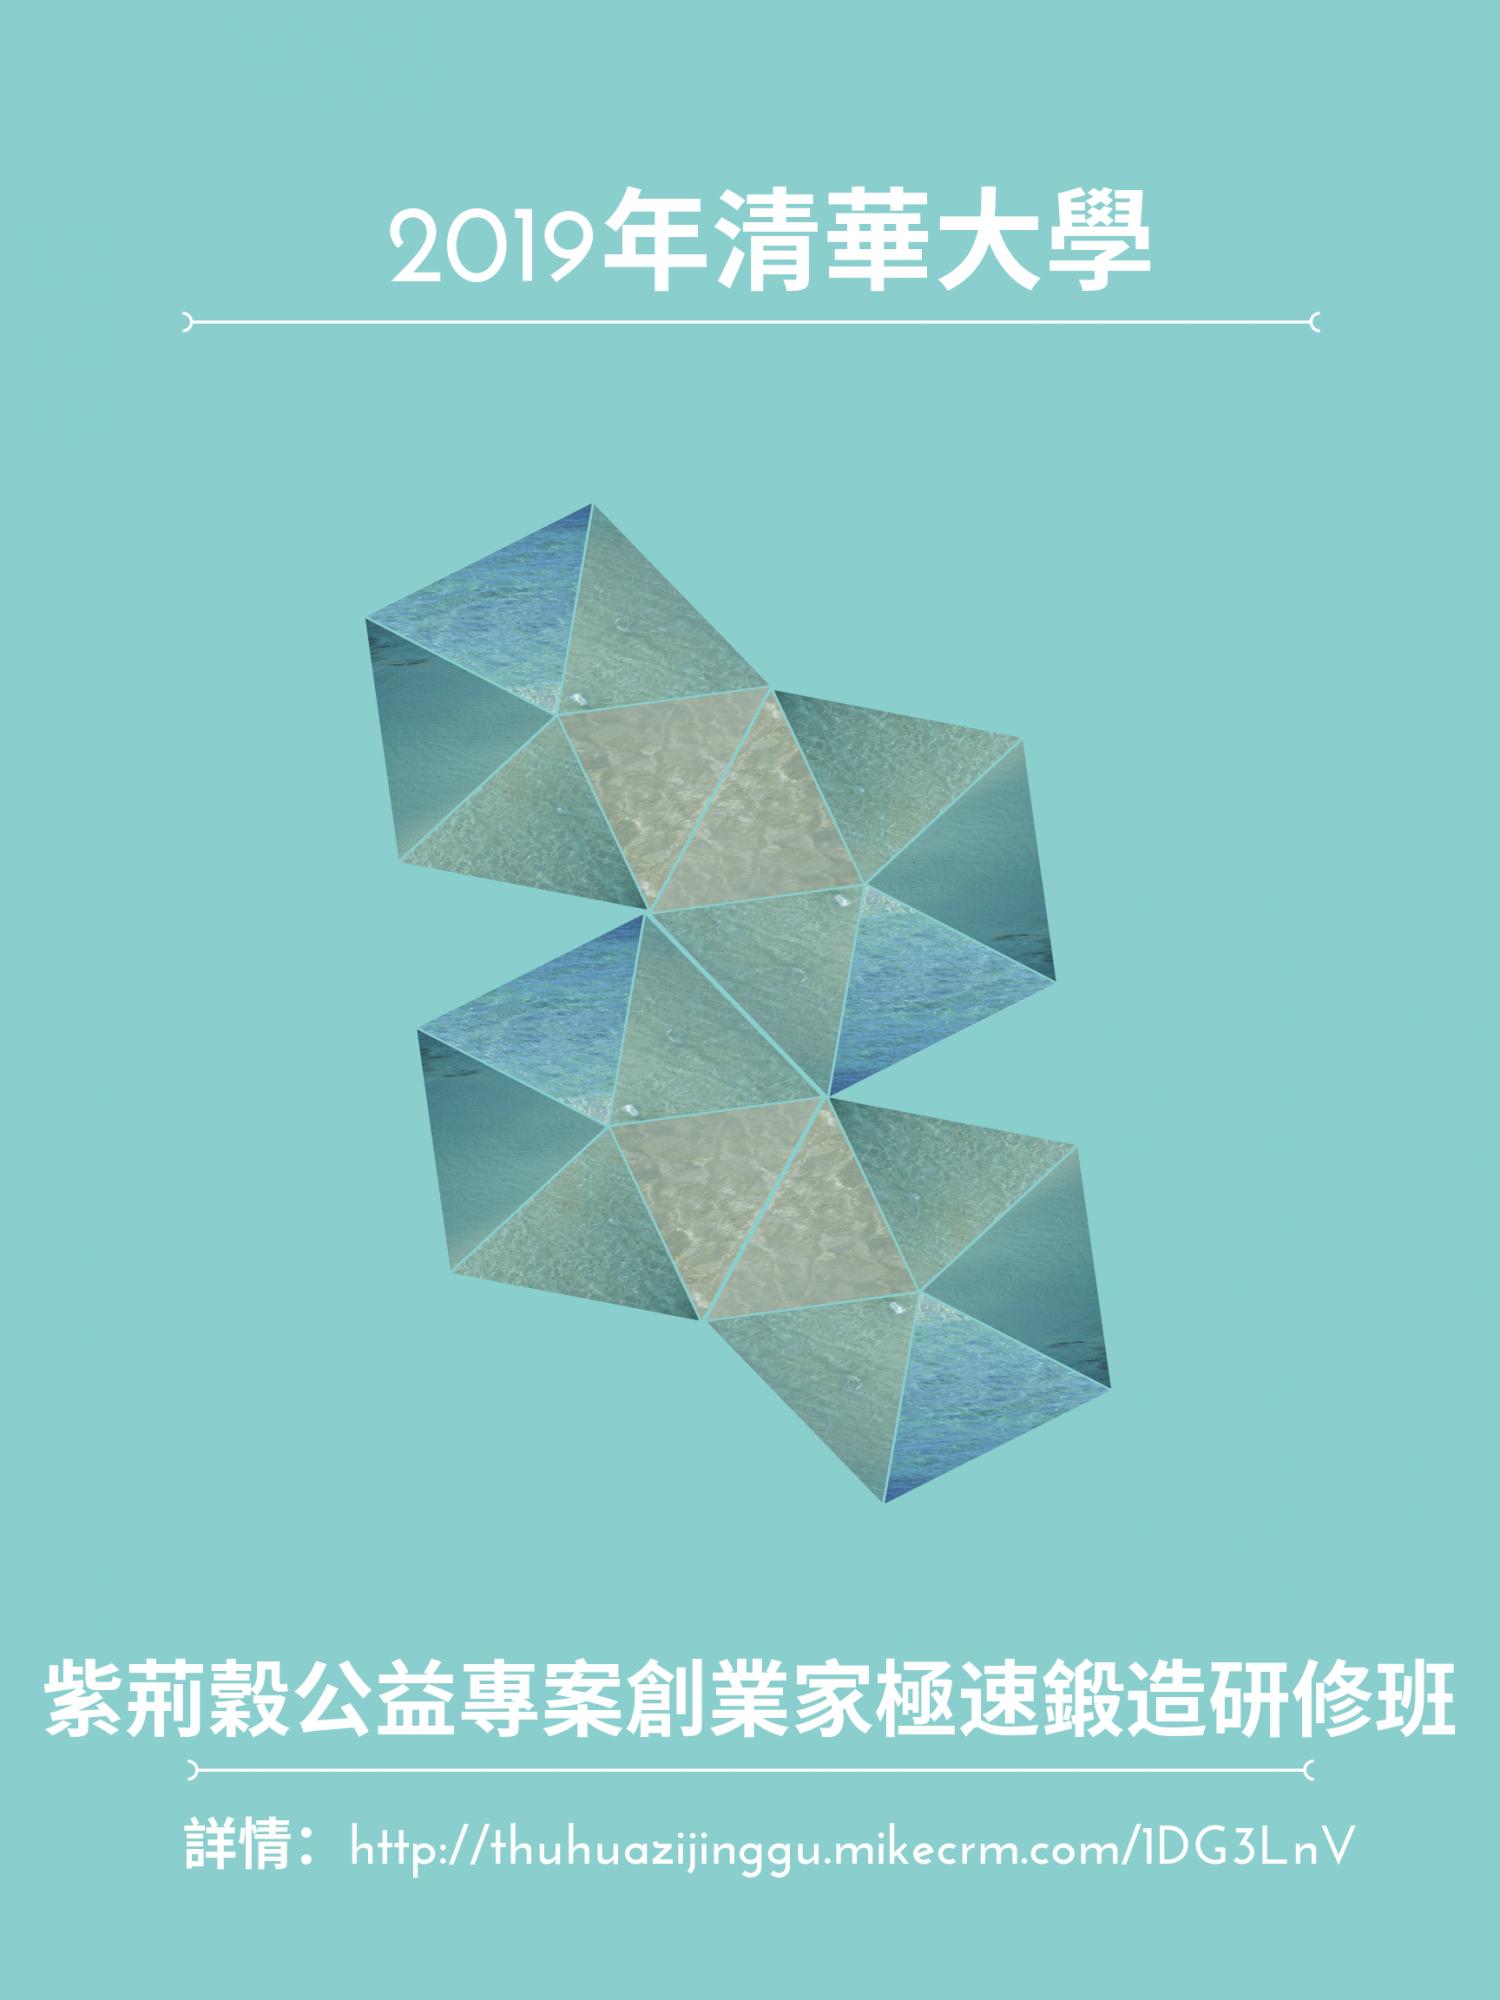 2019年清华大学紫荆谷公益专案创业家极速锻造研修班